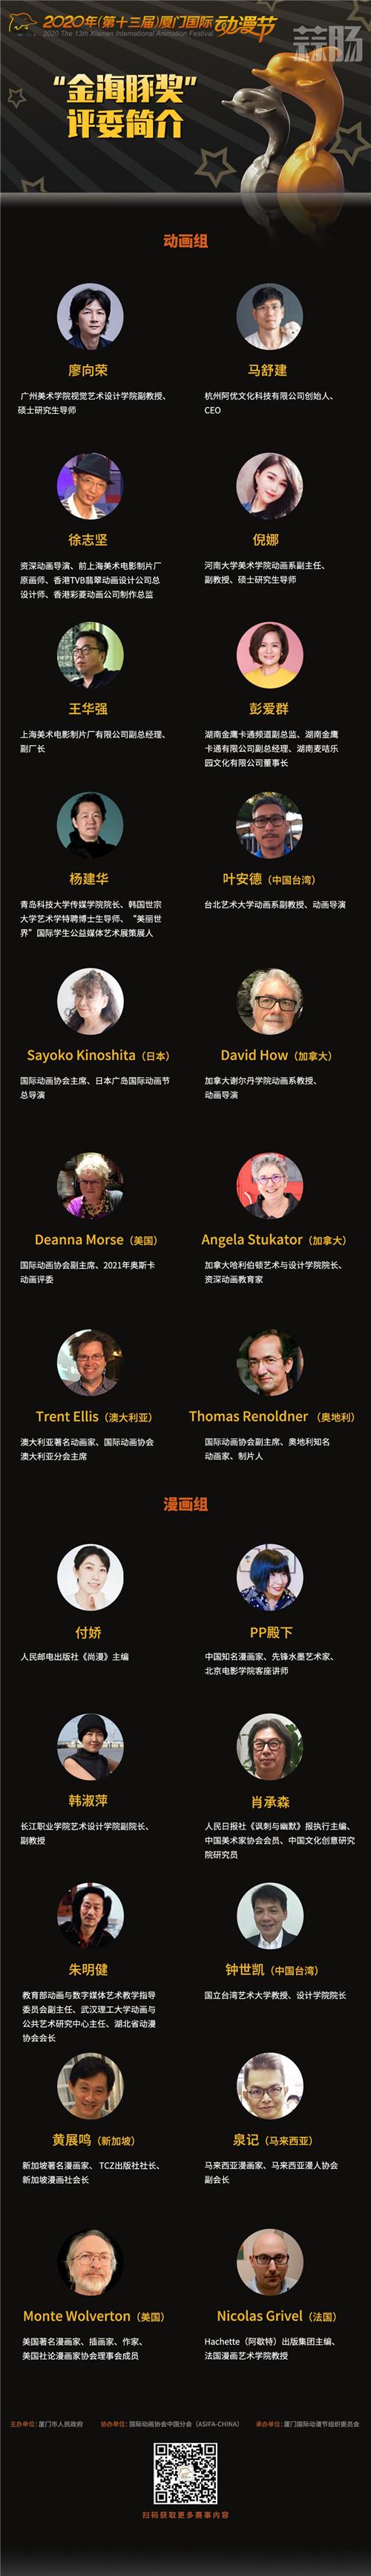 """厦门国际动漫节""""金海豚奖""""终评完满结束 颁奖仪式将于11月12日举行 厦门国际动漫节 金海豚奖 漫展  第2张"""